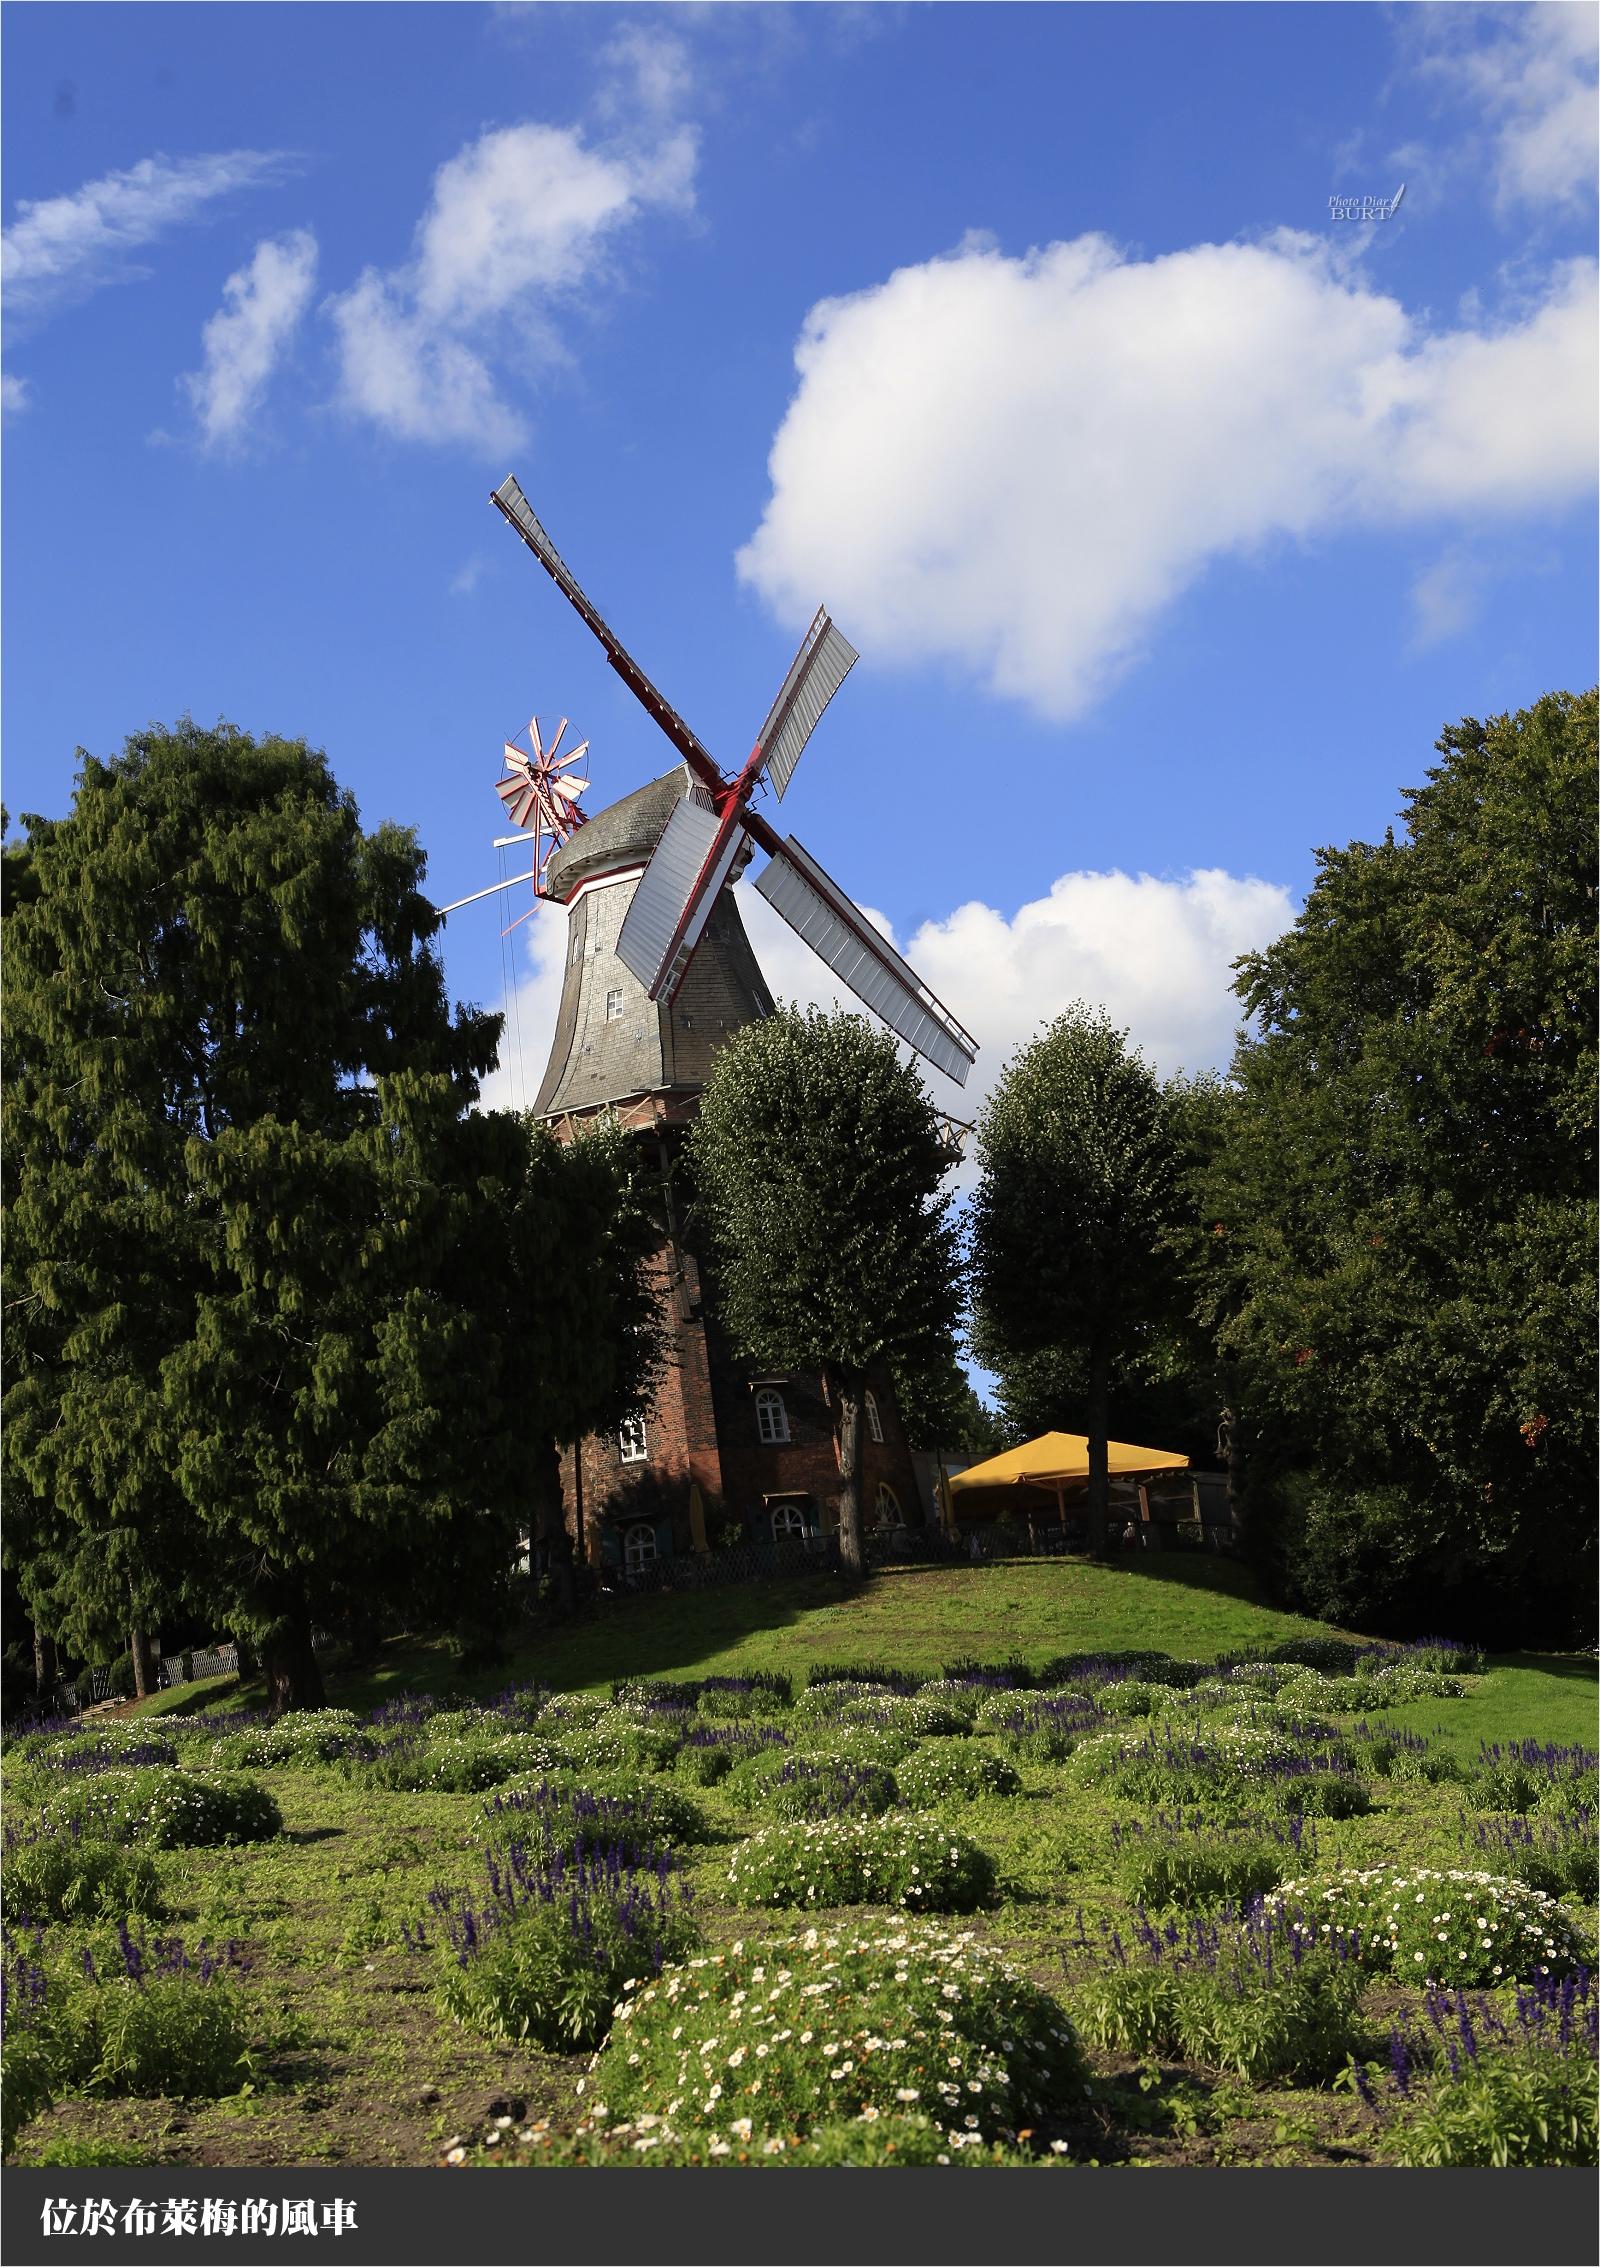 位於布萊梅的荷蘭風車